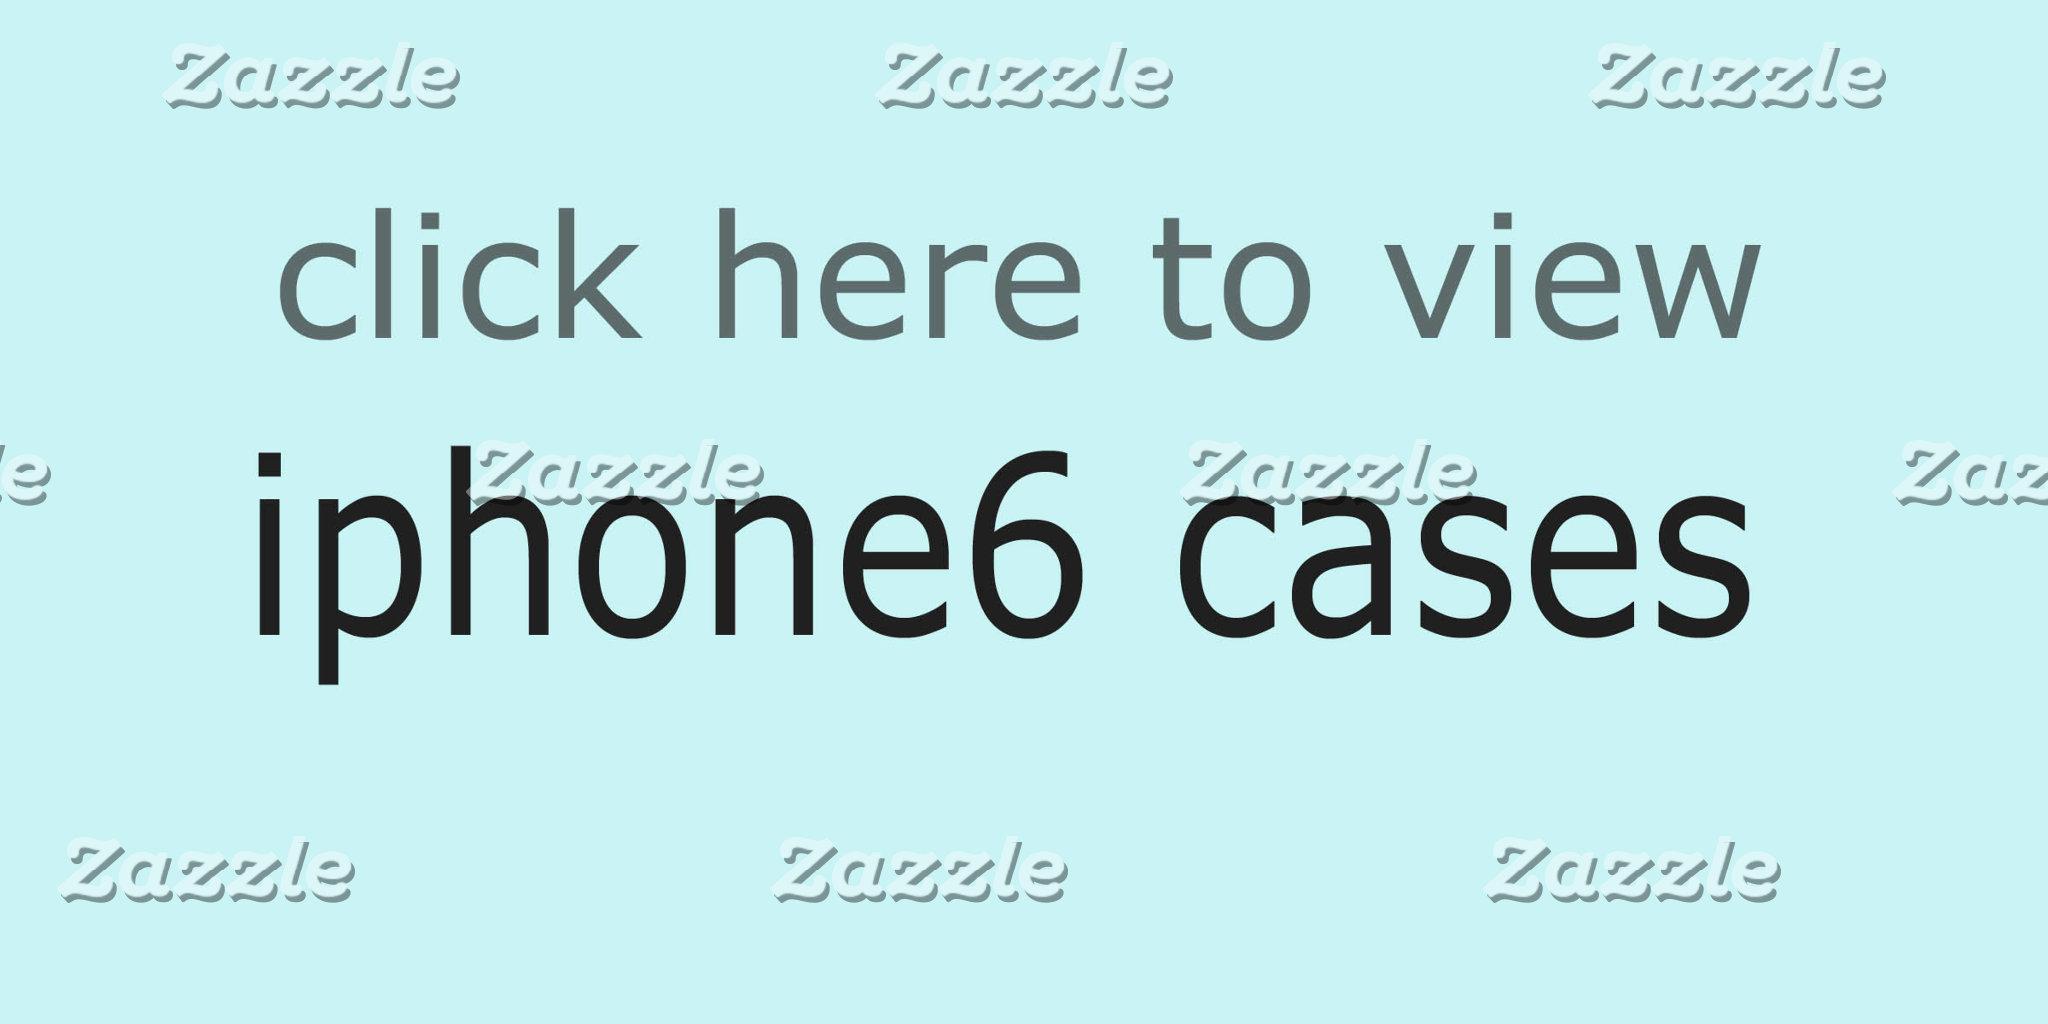 iphone6 cases